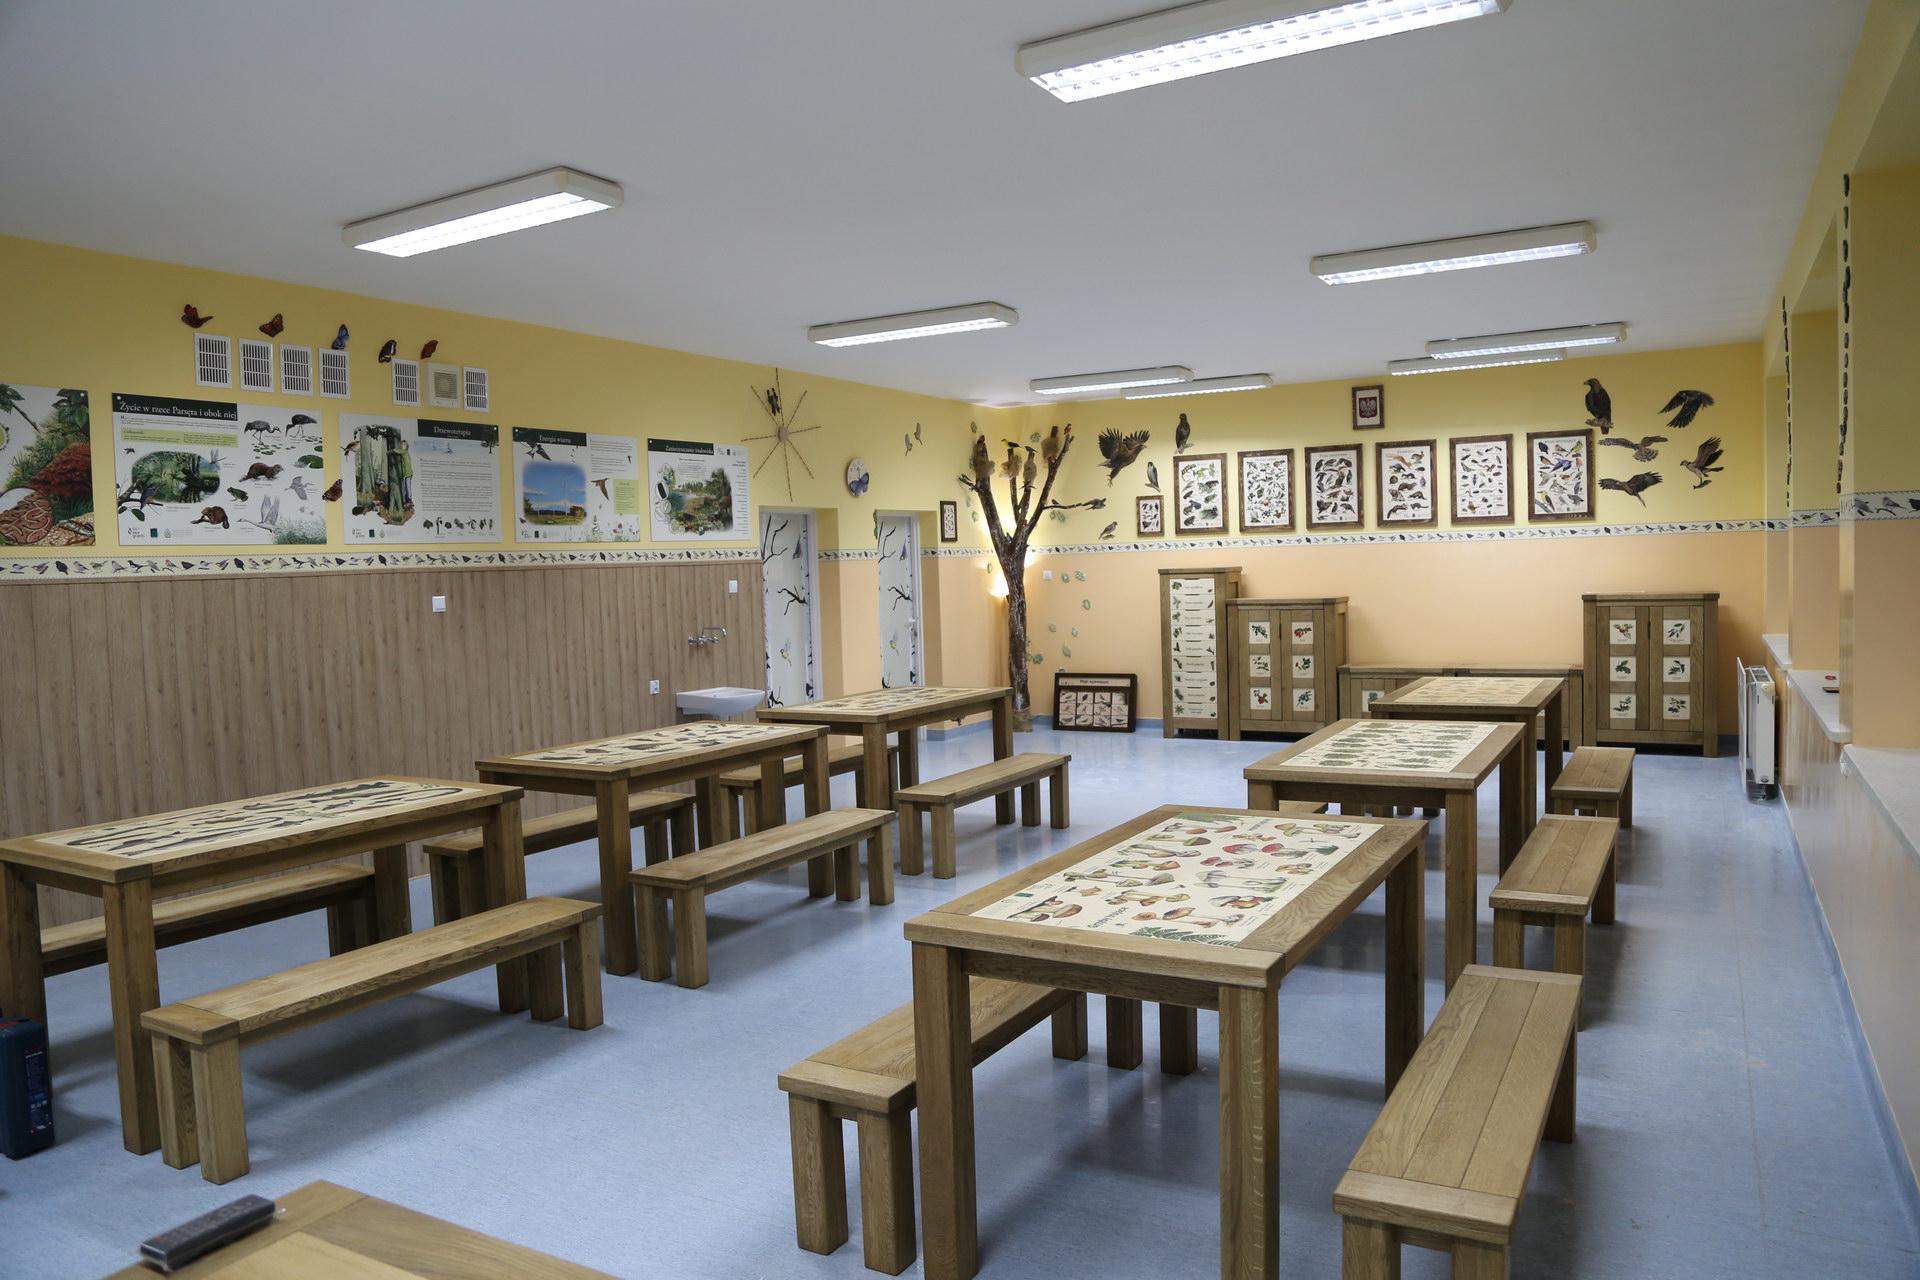 Izby edukacyjne lesne - sale przyrodnicze, wystroj wnetrz - ZS Dargin (1)